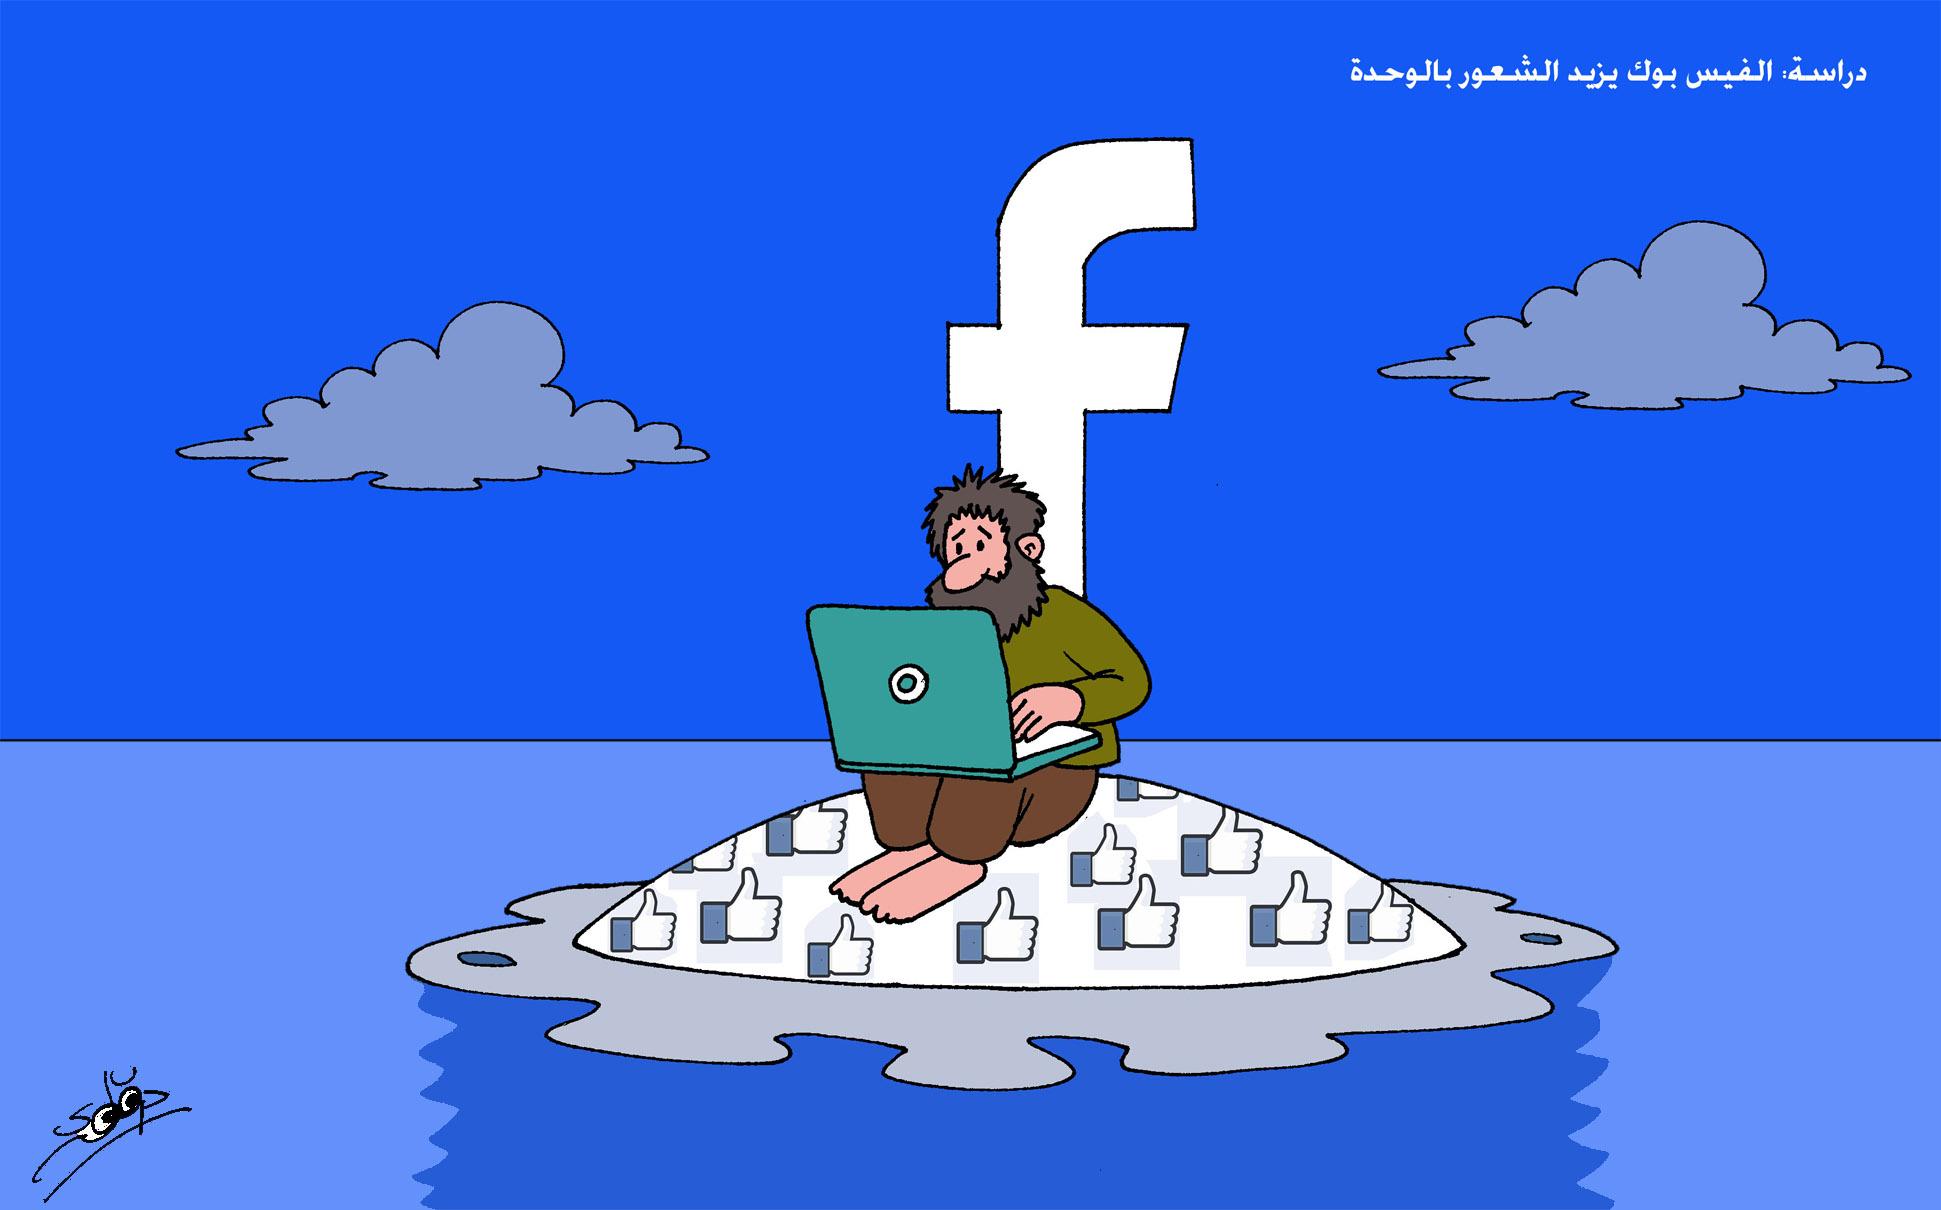 الفيسبوك و الوحدة